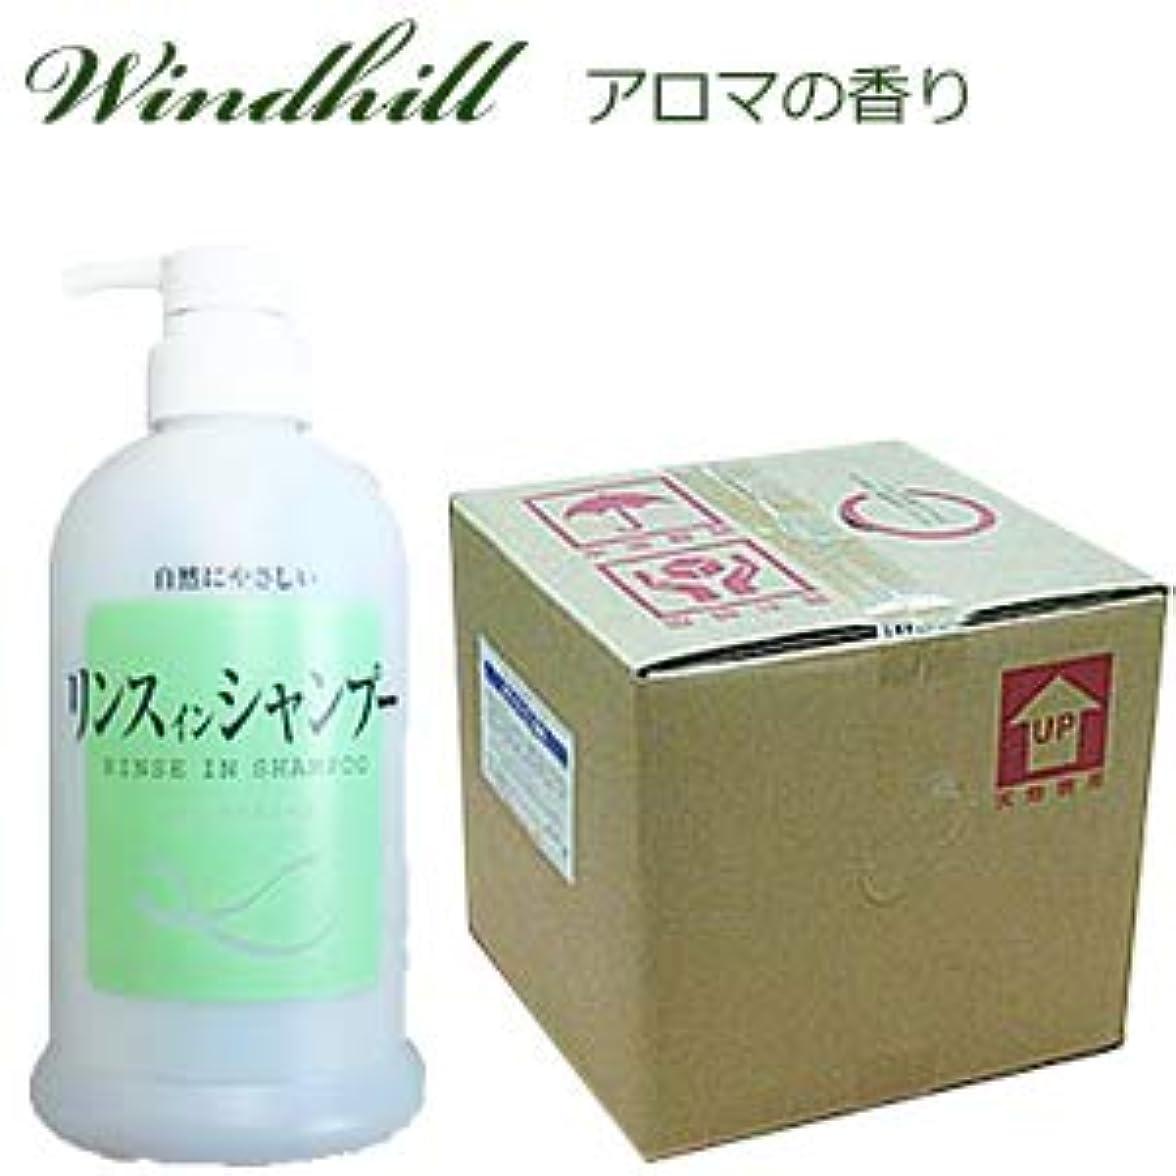 ほぼガム従来のなんと! 500ml当り188円 Windhill 植物性業務用 リンスインシャンプー 紅茶を思うアロマの香り 20L